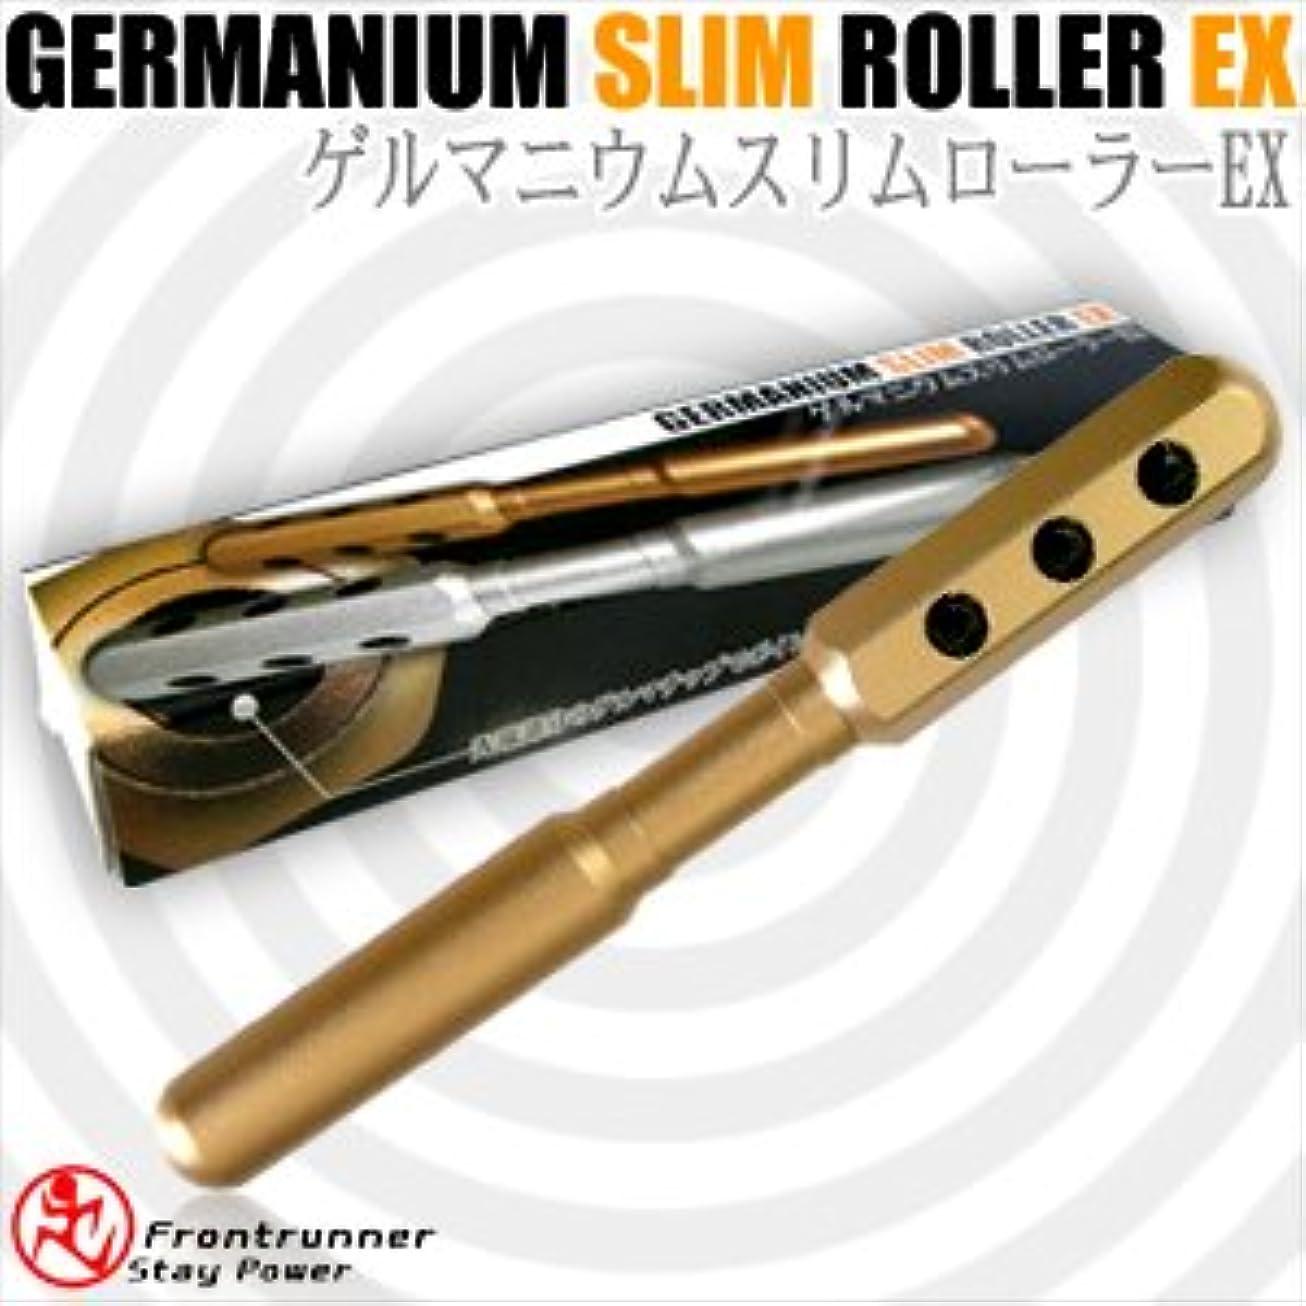 職人現代のエジプト人ゲルマニウムスリムローラーEX(ゴールド)